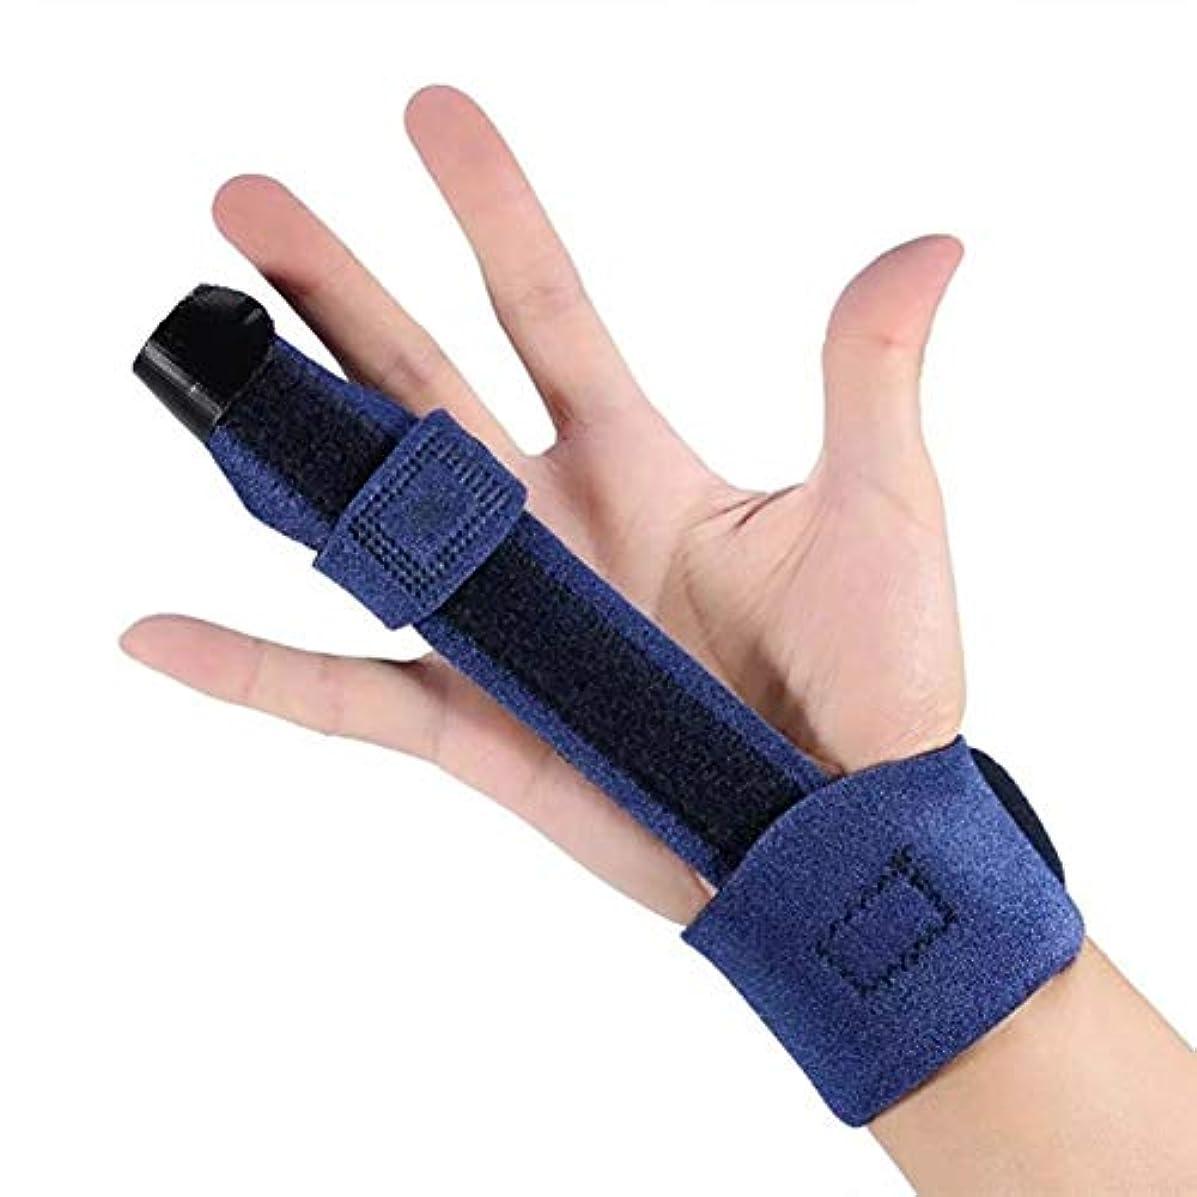 一回ナイロンニコチンスプリント指、指拡張スプリント、ばね指、マレット指のため、可鍛性金属ハンドスプリントフィンガーサポート(調節可能なマジックテープ)